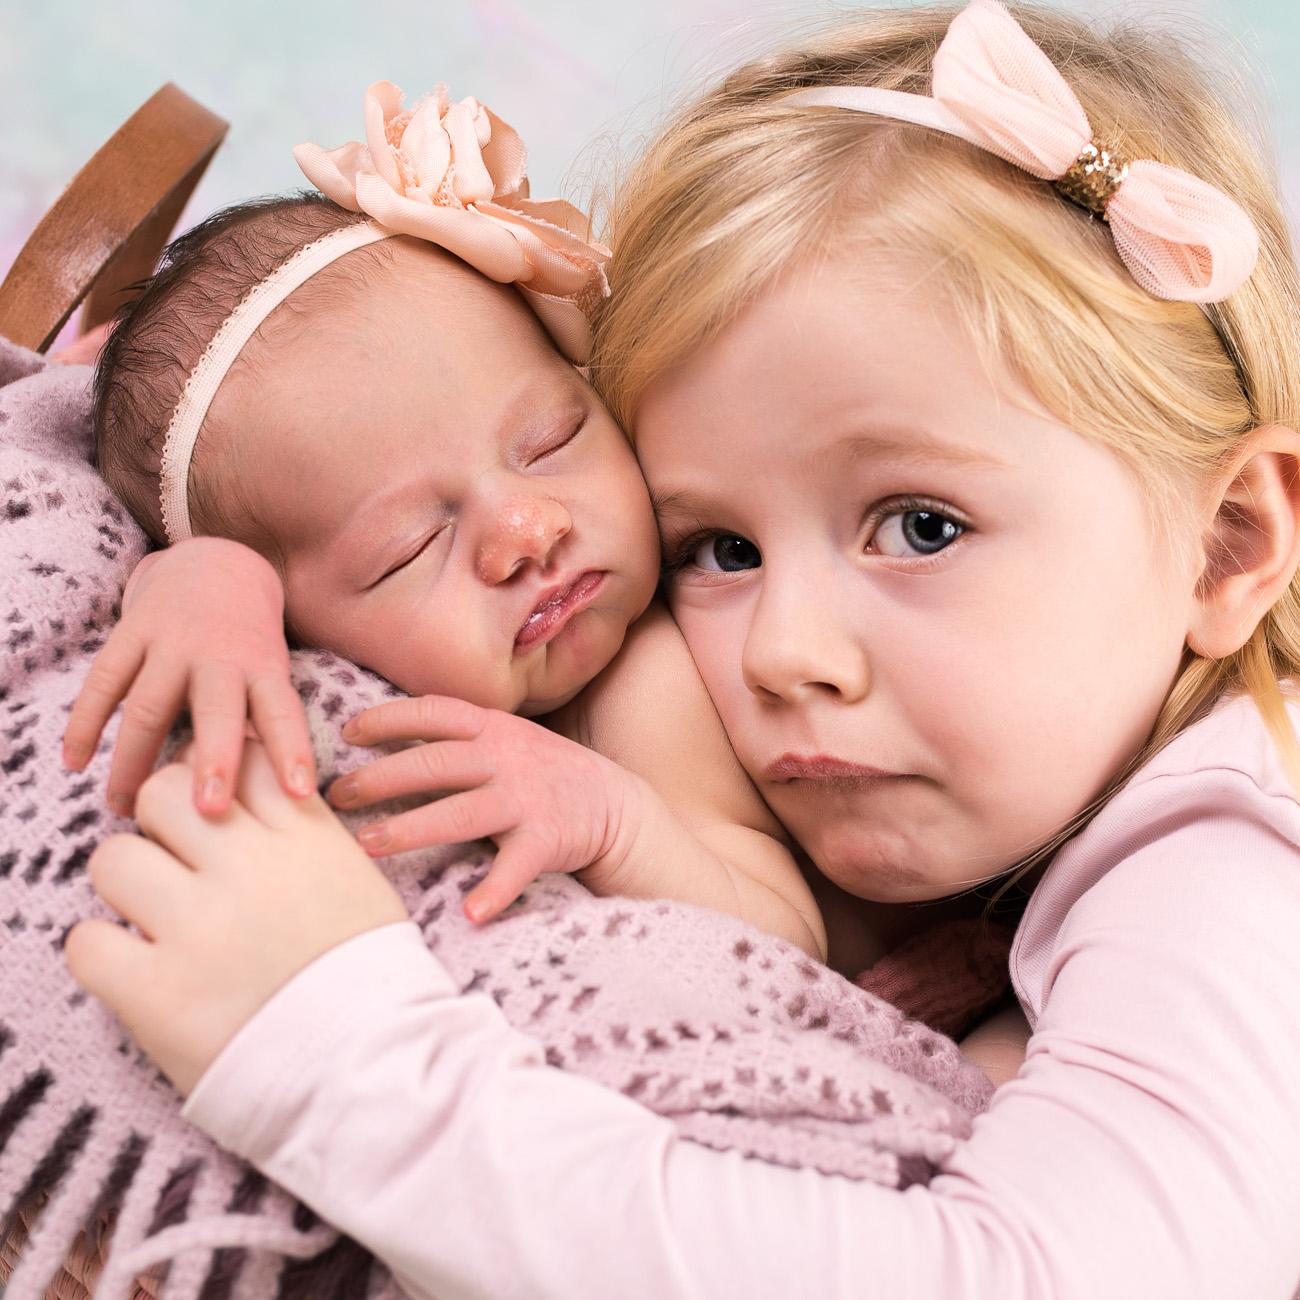 Traumkind Fotos Babyfotografie Essen 25 - Babyfotos